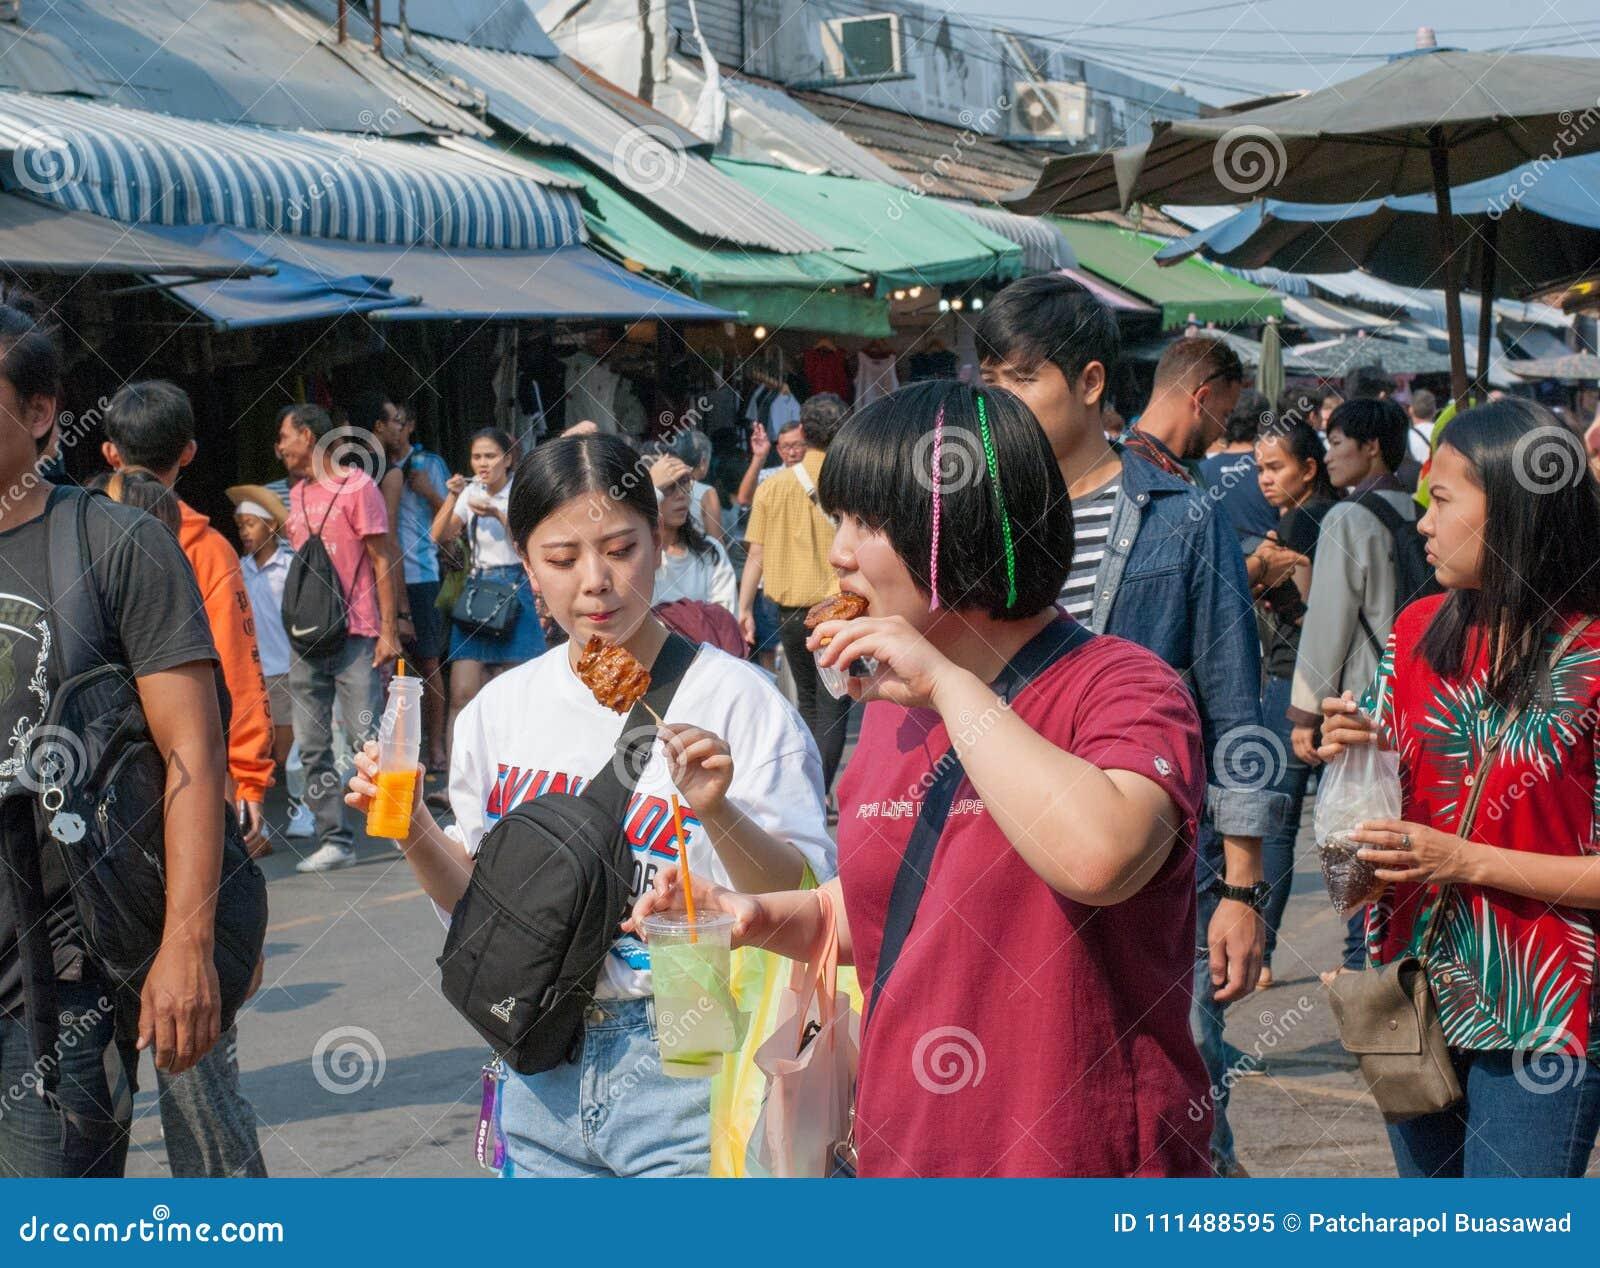 Amigos adolescentes asiáticos que caminan y que comen un poco de comida y que beben el zumo de fruta